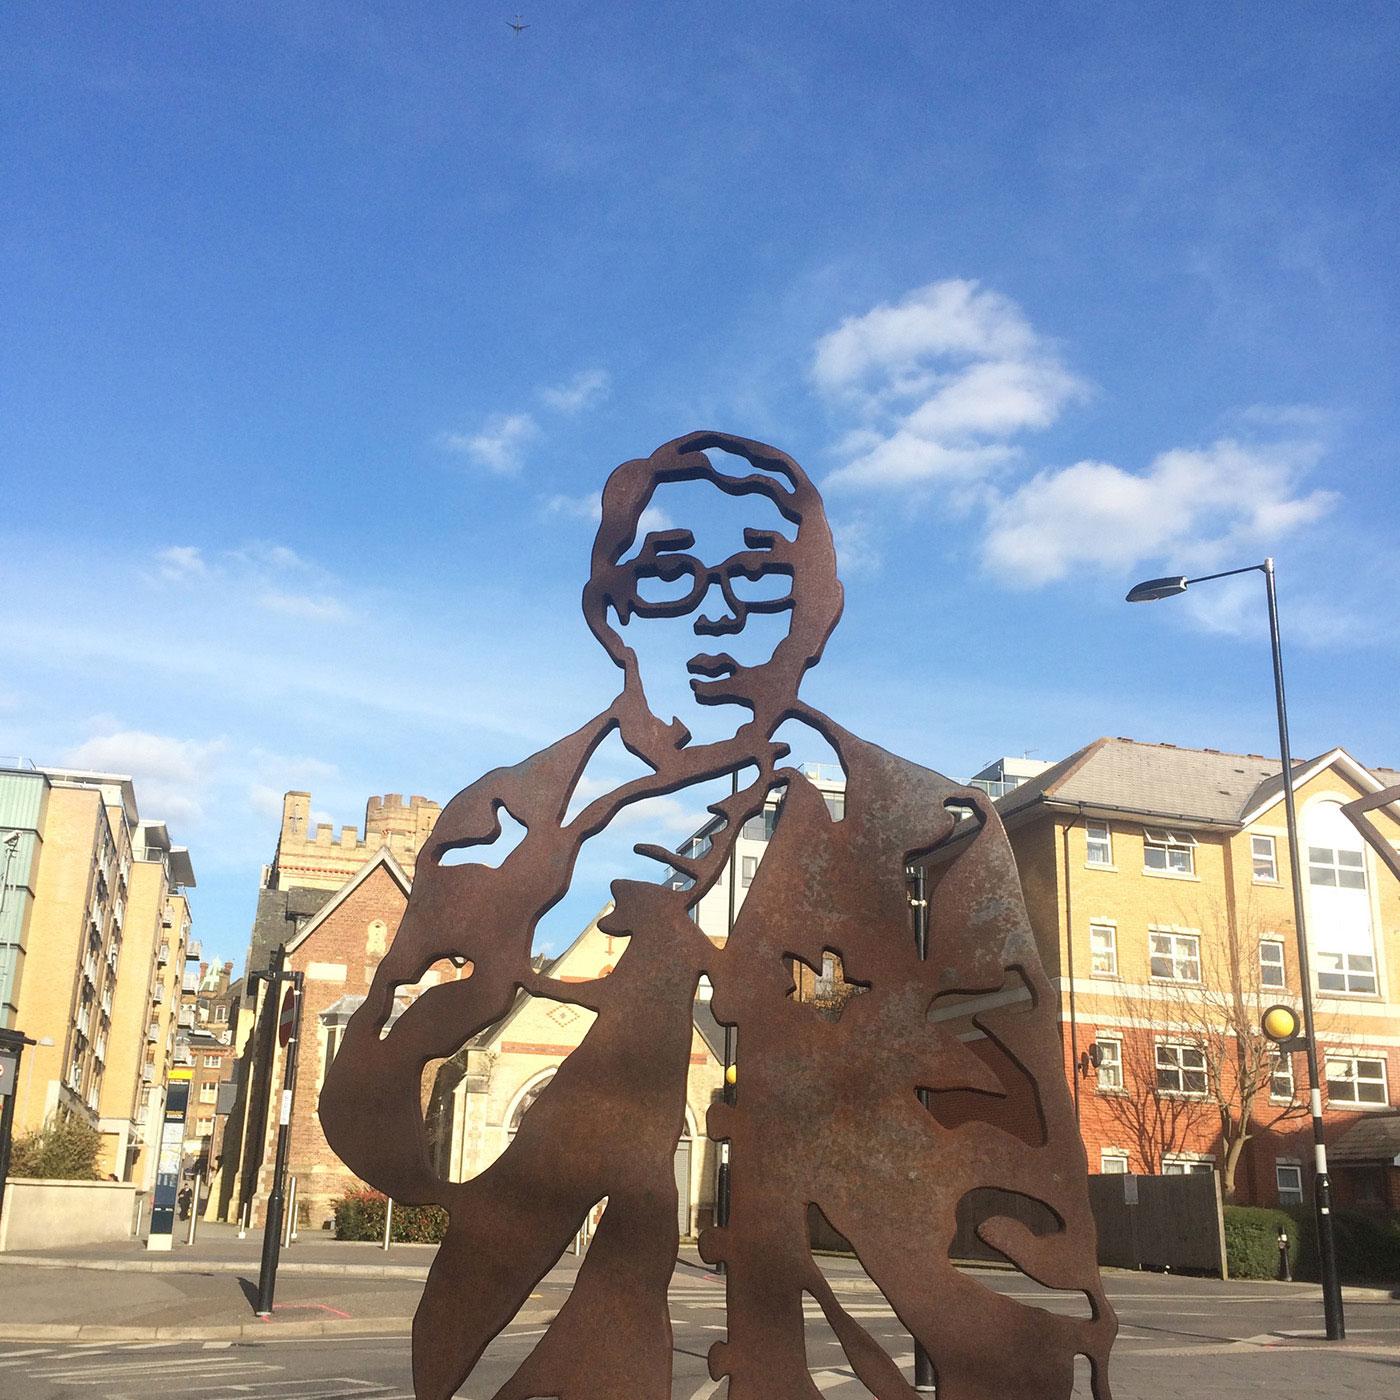 Croydon Ronnie Corbett statue